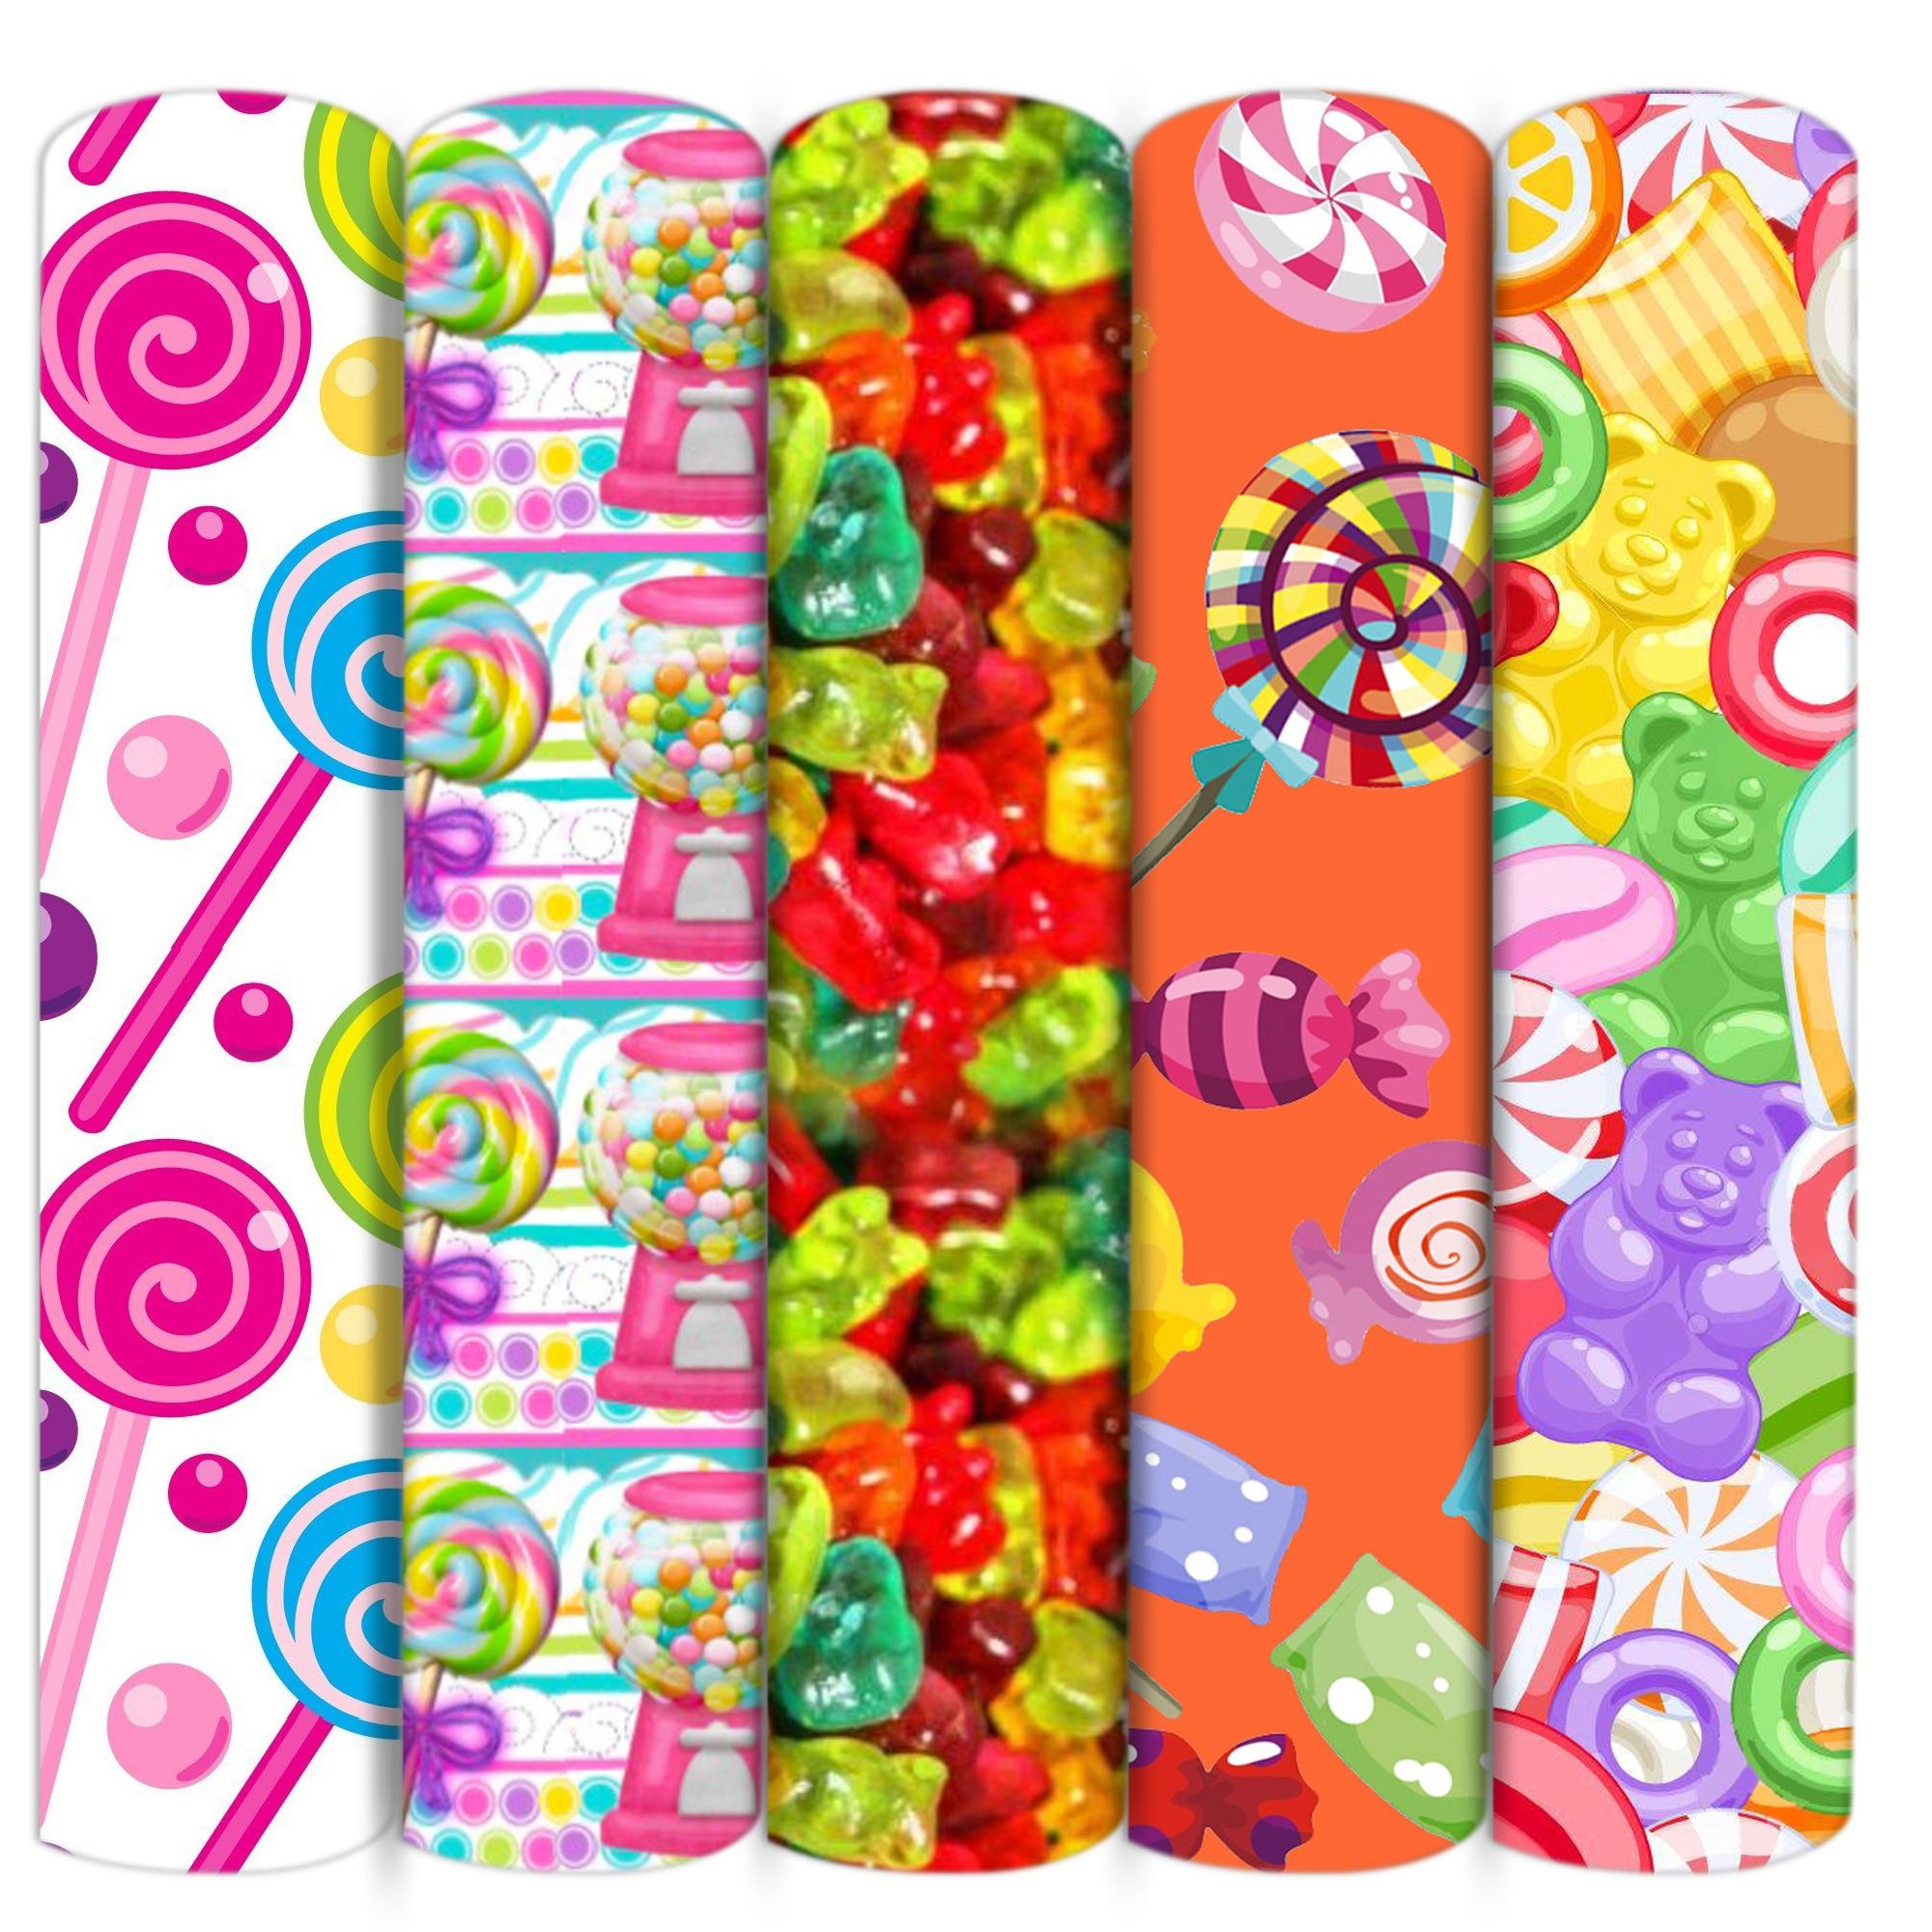 Леденец Конфеты полиэфир хлопчатобумажной ткани, из кусков, для шитья кукол стеганые ткани рукоделие Материал домашний текстиль, c16103